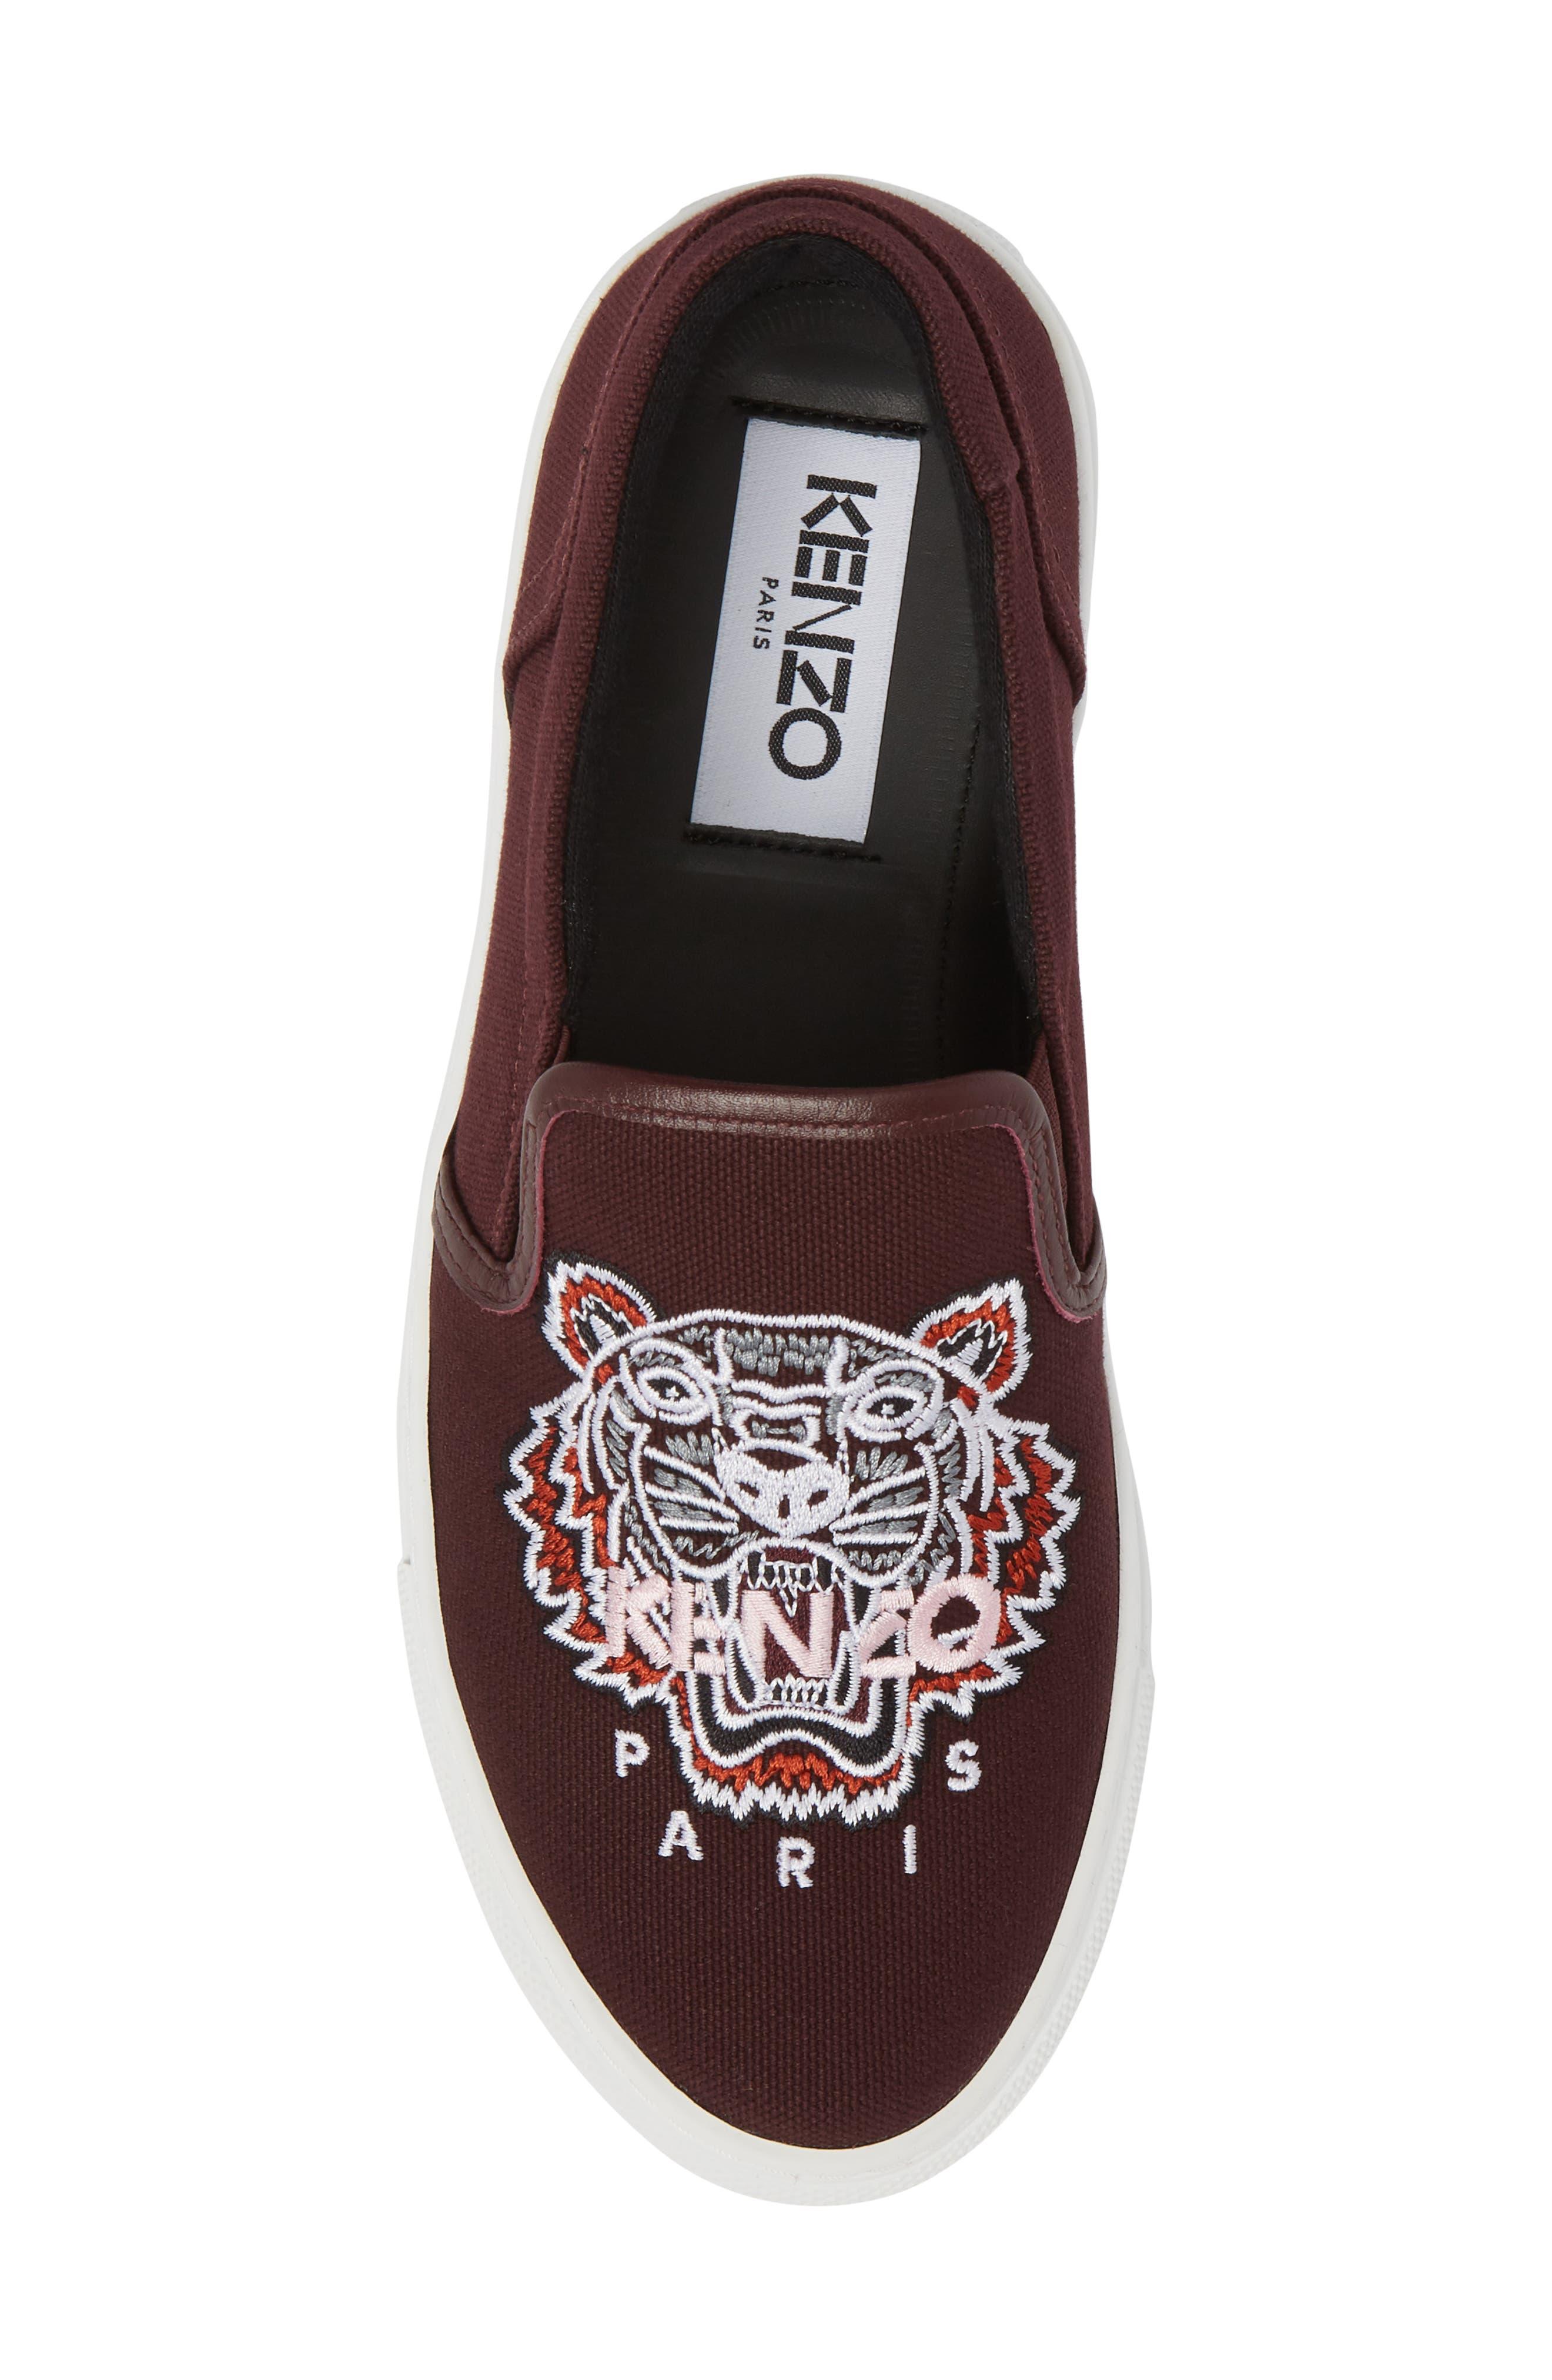 K Skate Embroidered Slip-On Sneaker,                             Alternate thumbnail 6, color,                             Bordeaux